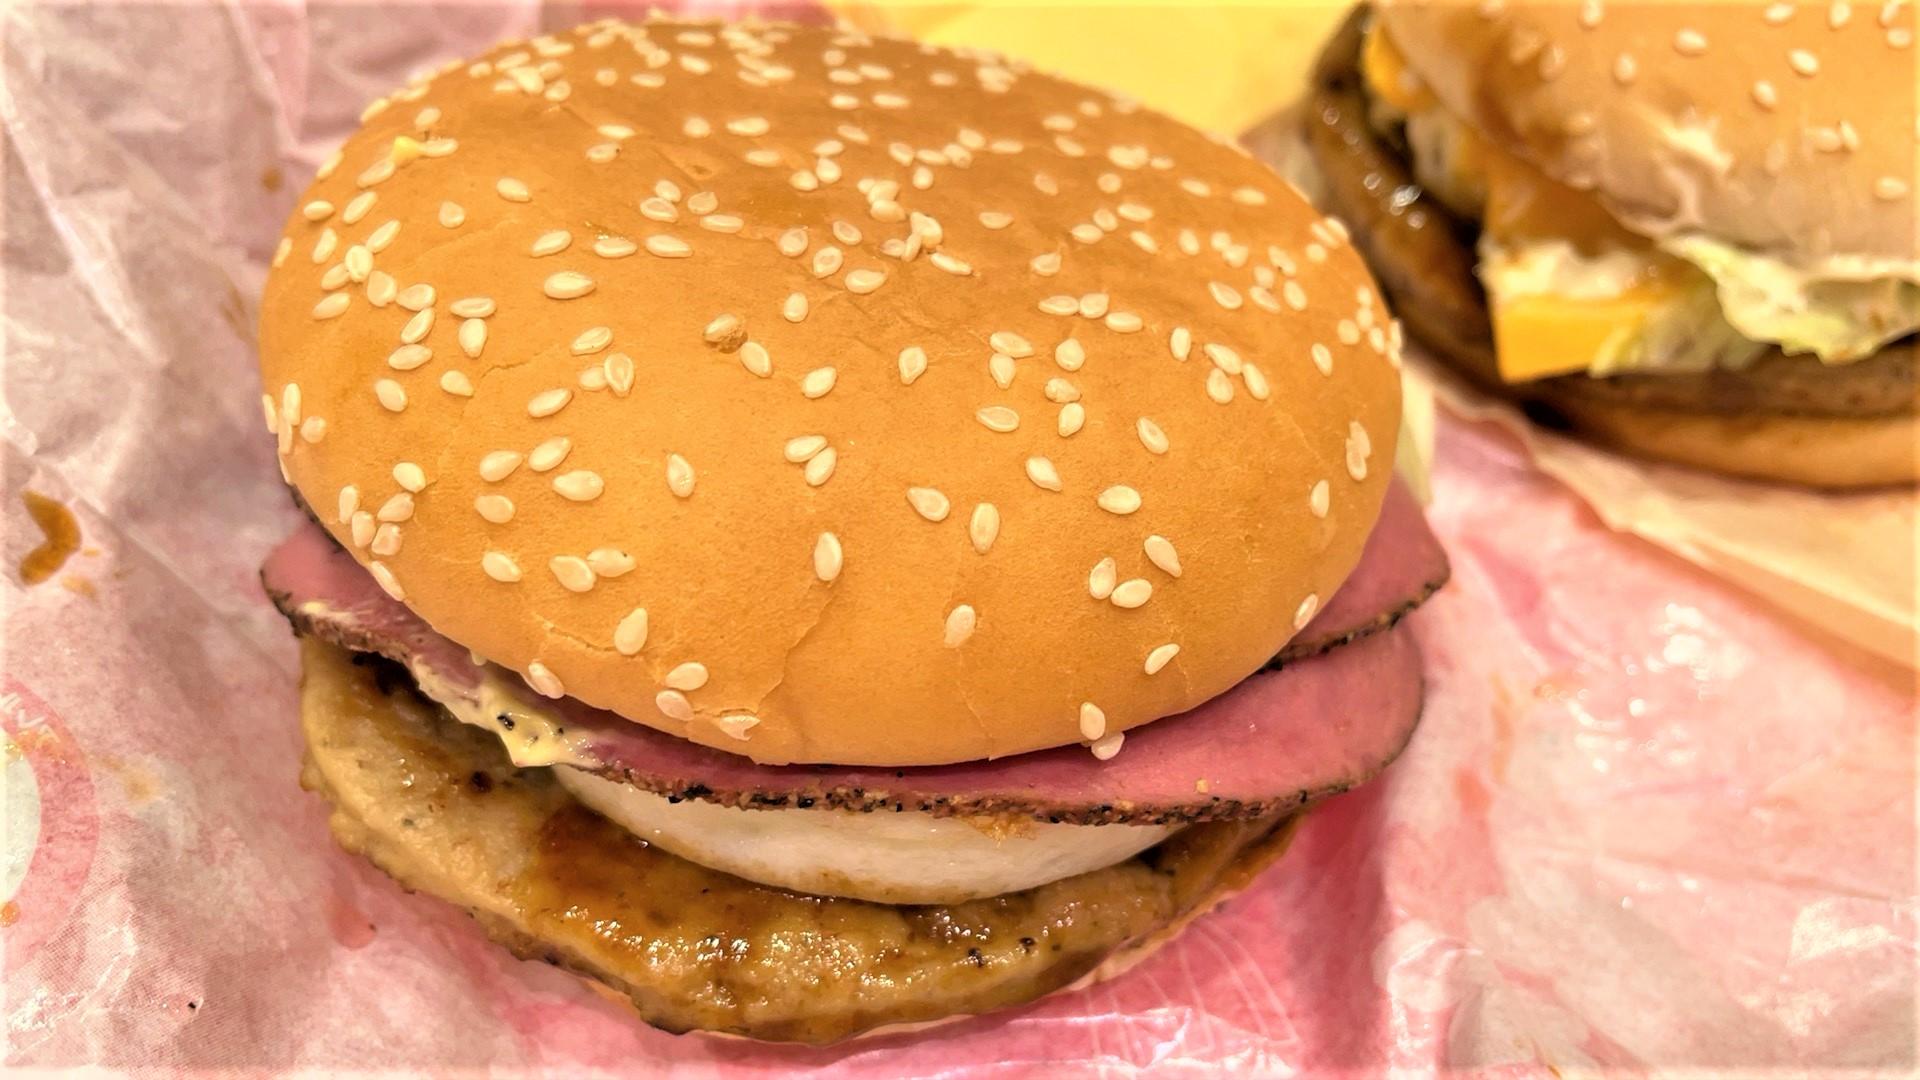 はみ出るパストラミビーフてりたま(マクドナルド)を食べてみた【感想・口コミは?】